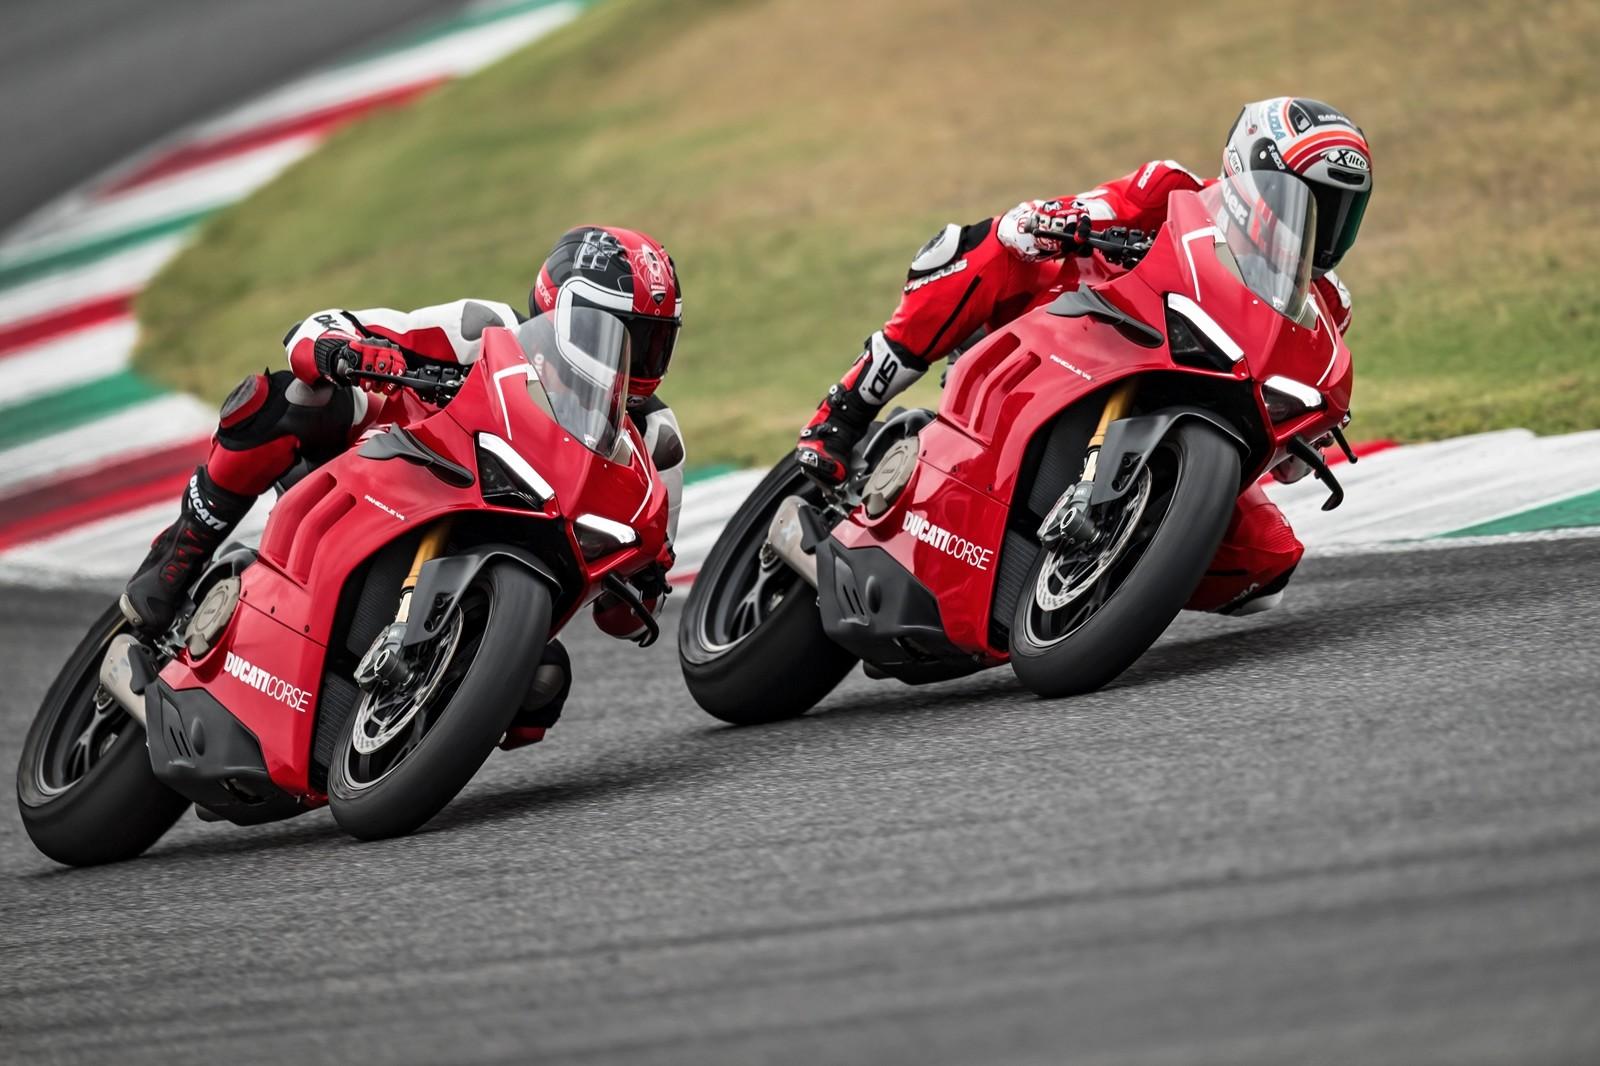 Foto de Ducati Panigale V4 R 2019 (27/87)